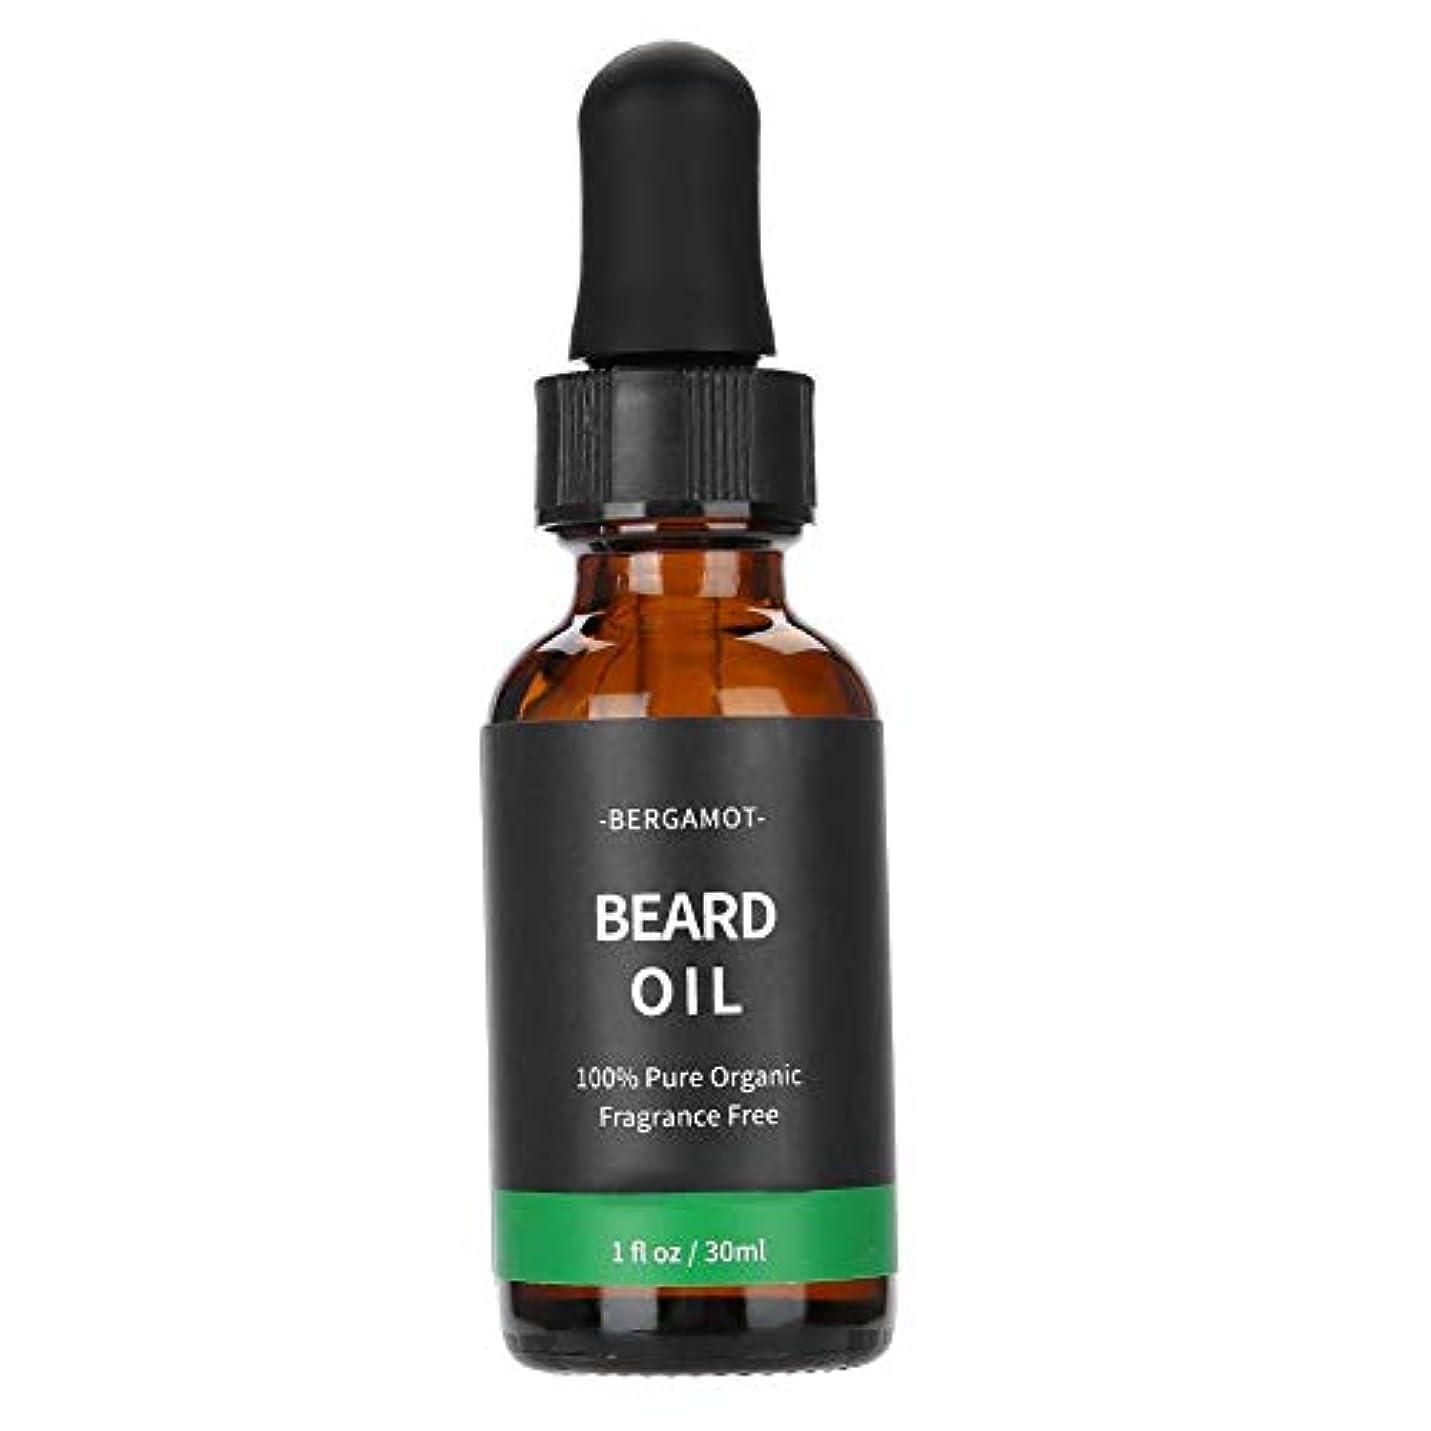 子音暫定の影響するひげのコンディショナーおよびオイル、ふけを減らすためのアルガンオイルおよびヒマラヤスギオイルが含まれています男性のためのひげおよび口ひげを柔らかくし、増強します